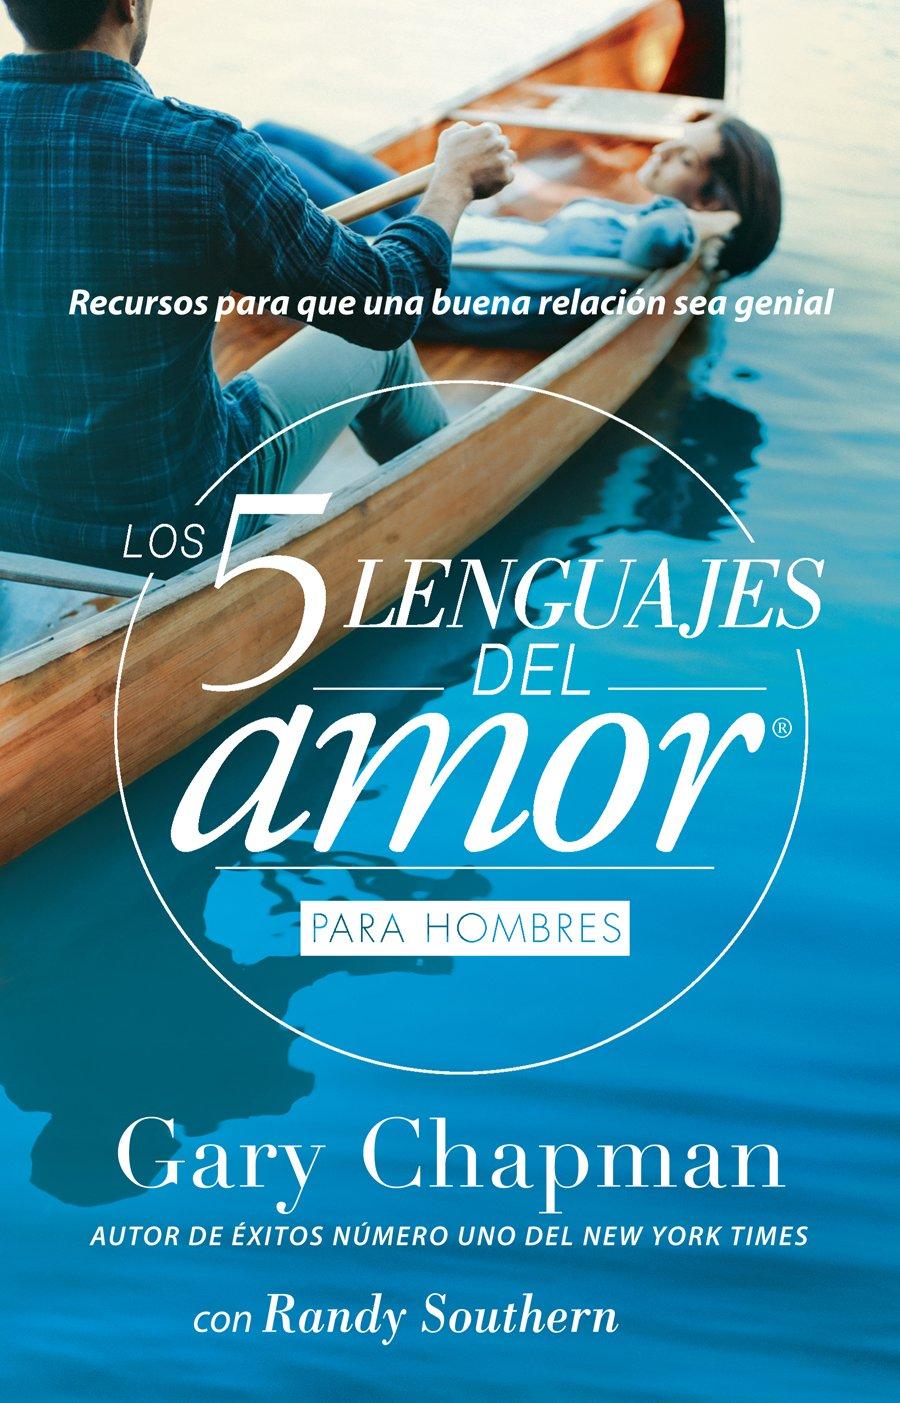 Download Los 5 Lenguajes del amor para hombres (Spanish Edition) PDF